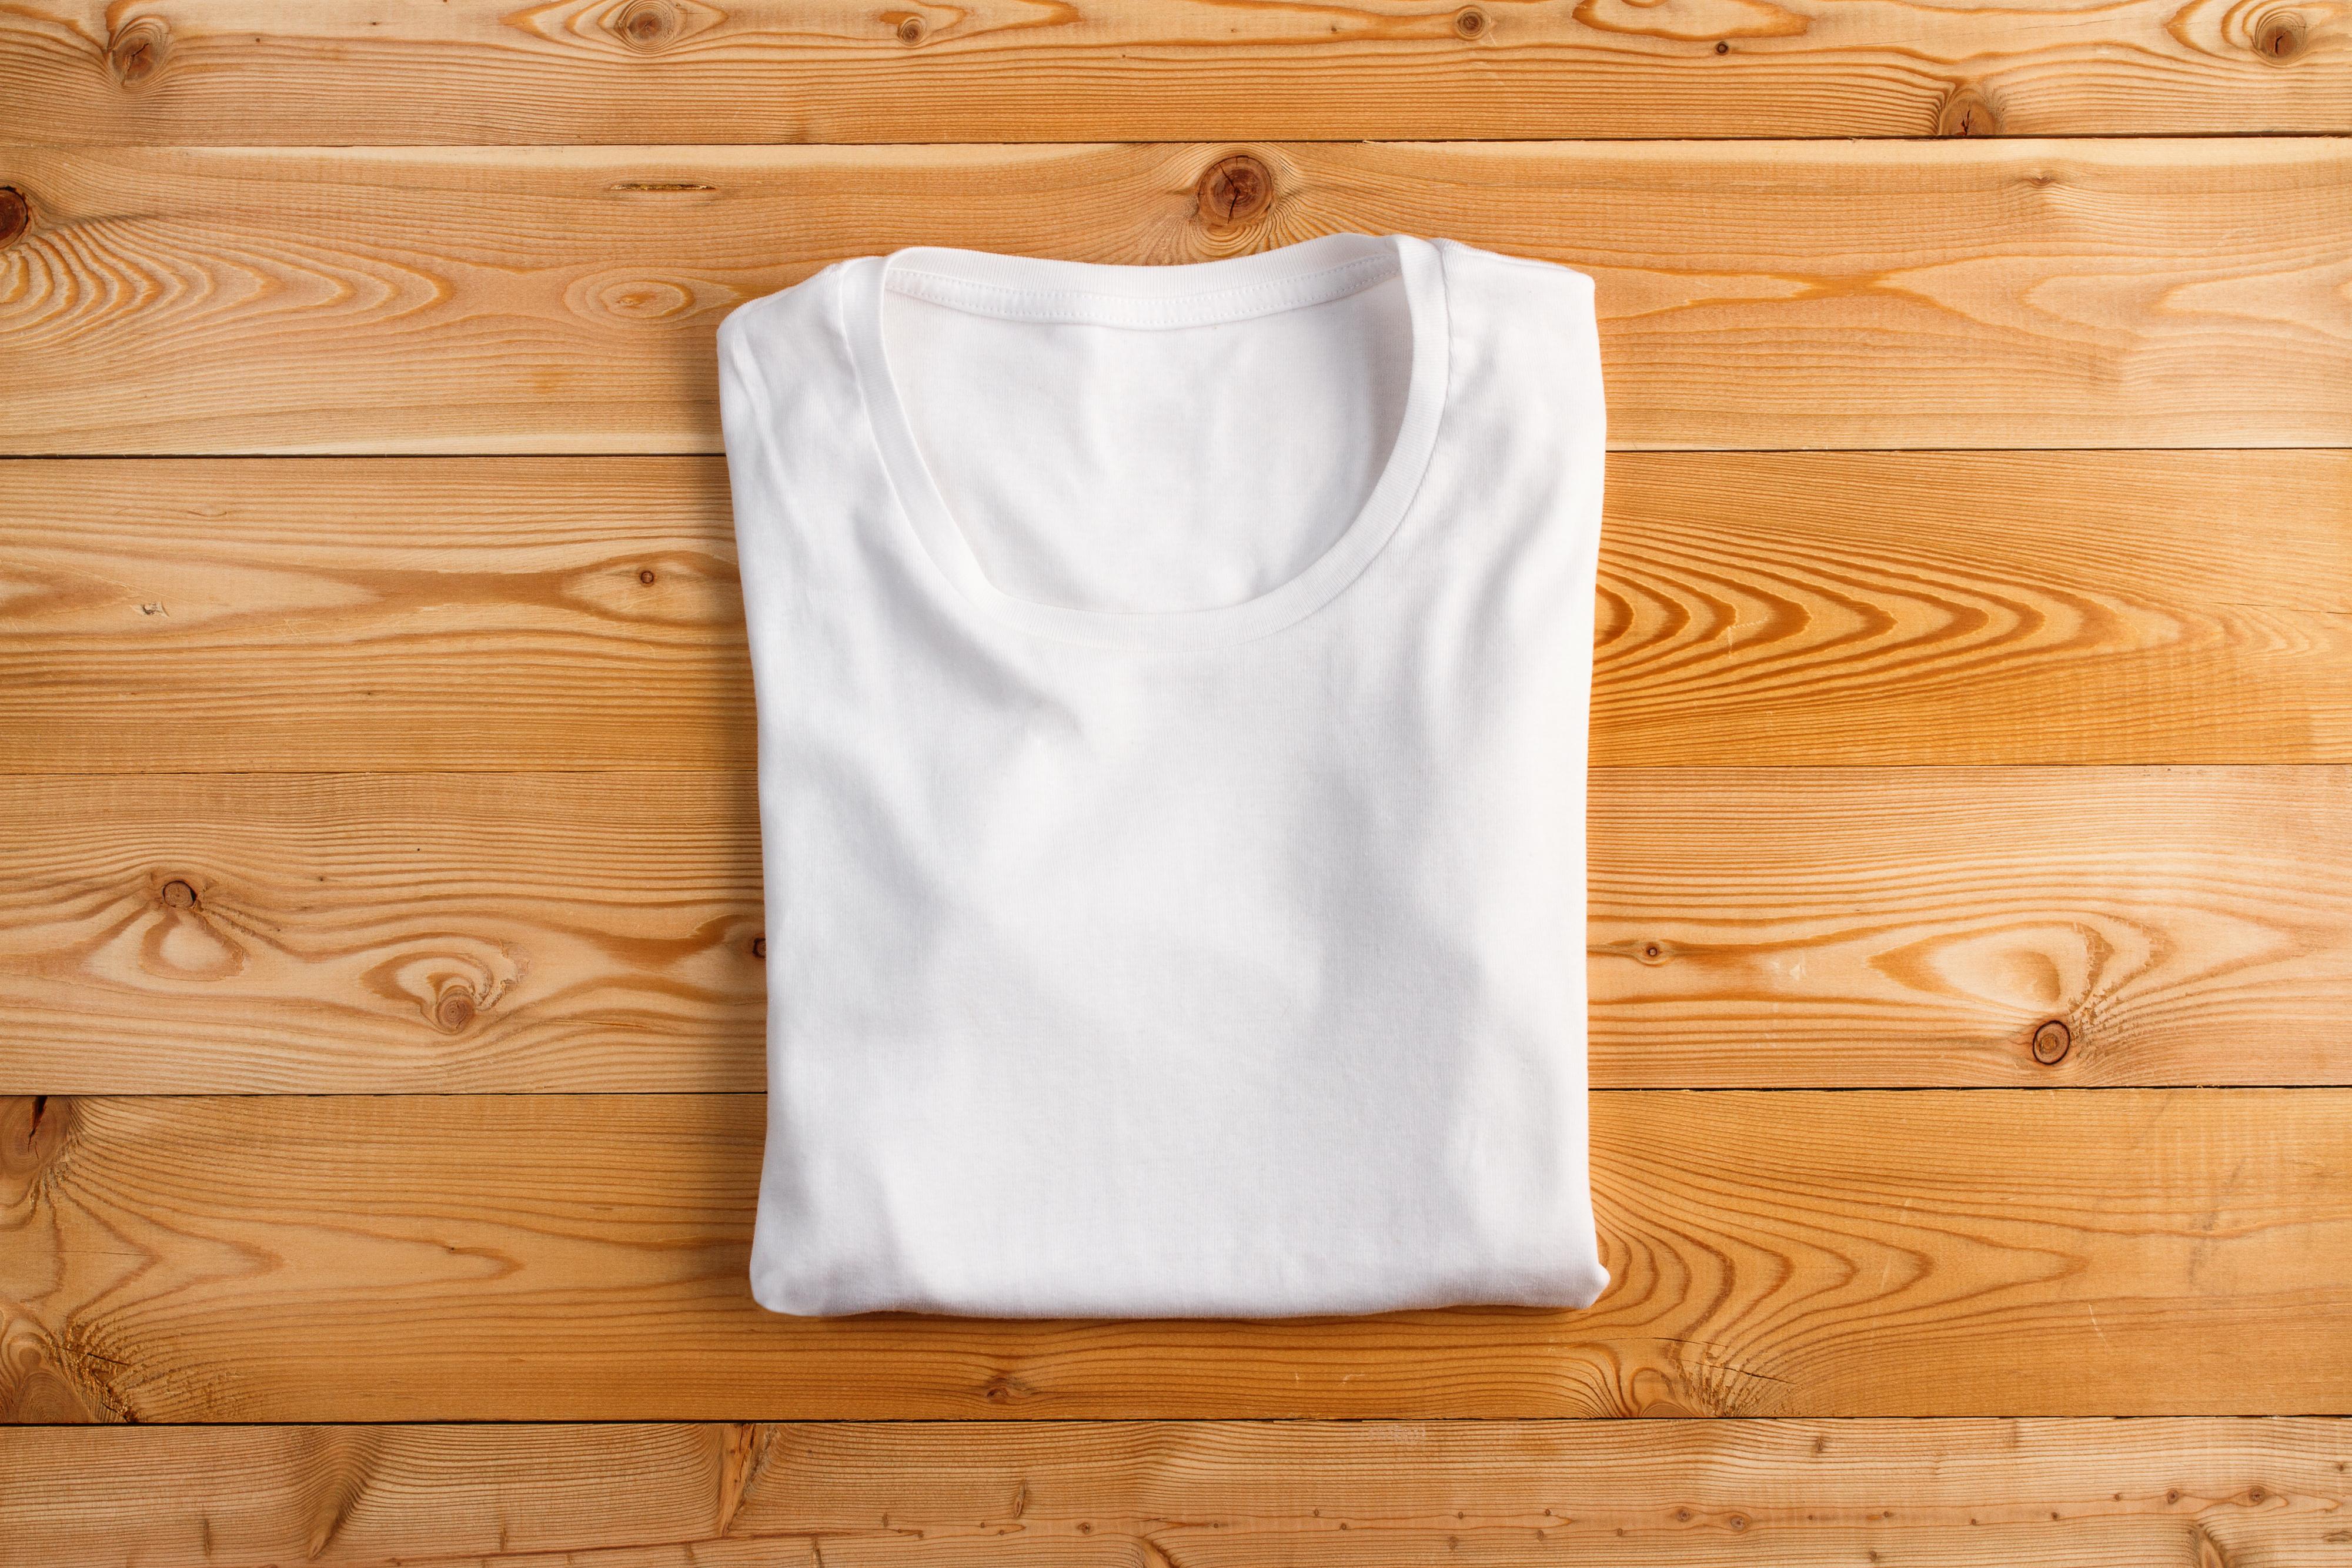 Come Piegare Le Maglie.Come Piegare Le T Shirt Velocemente